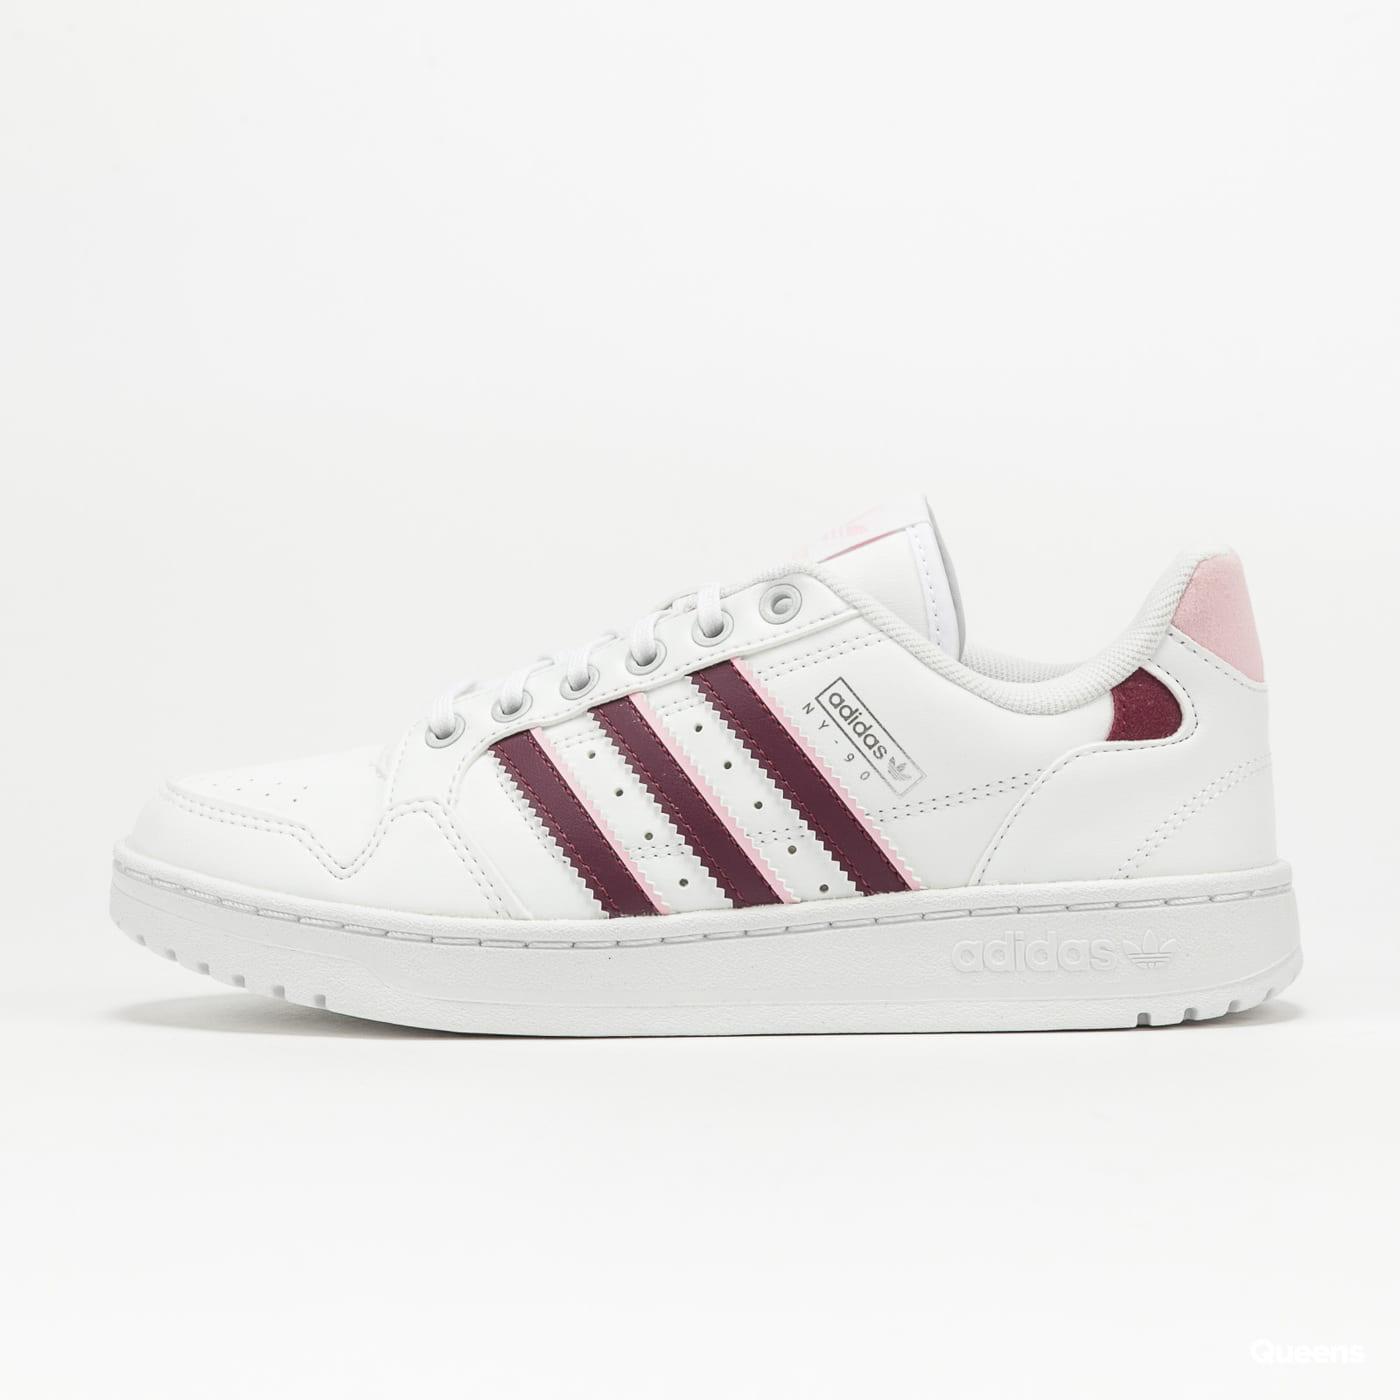 adidas Originals NY 90 Stripes W ftwwht / viccri / clpink